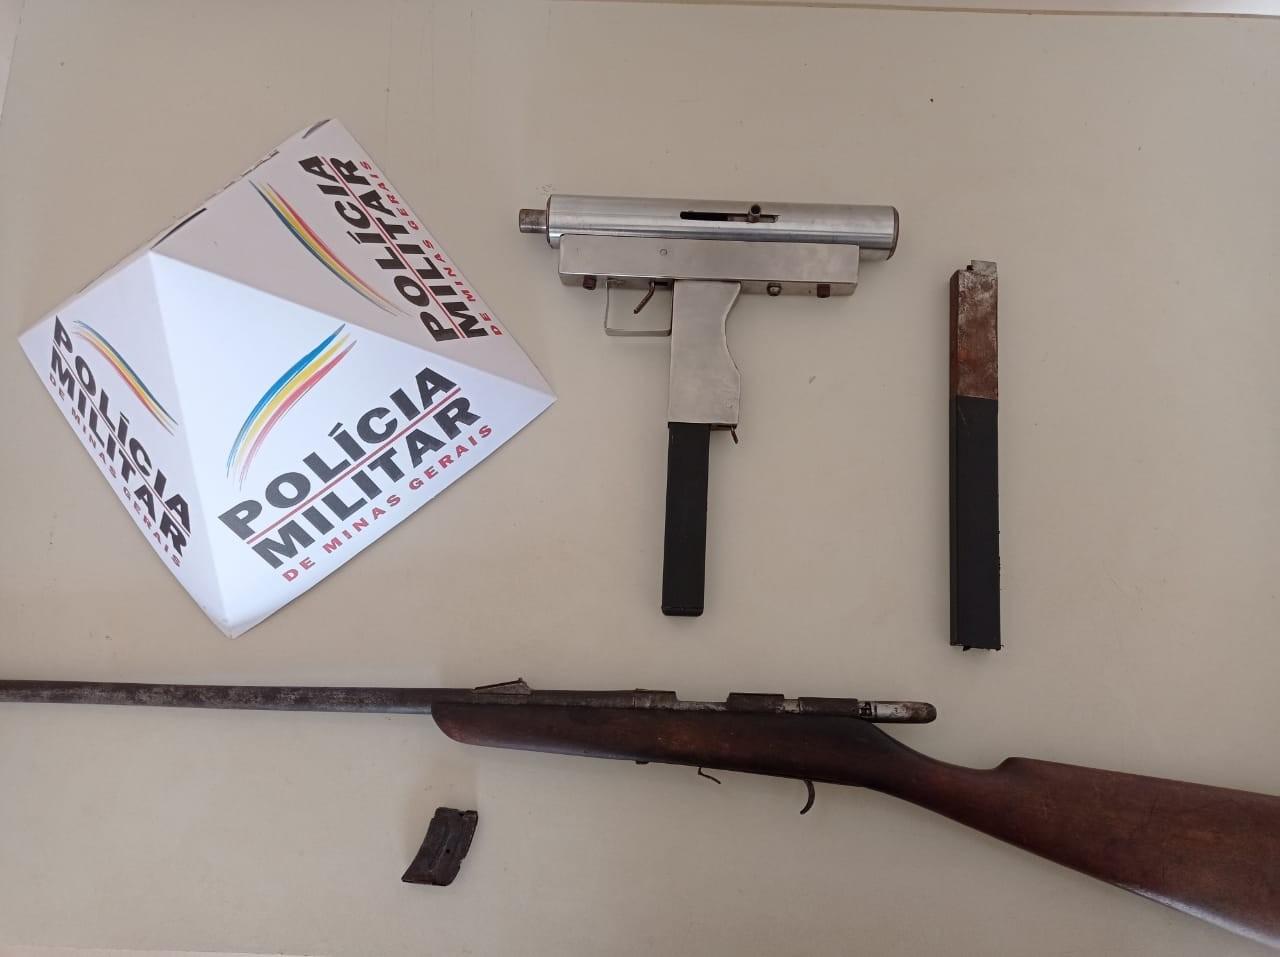 Dois são presos por porte ilegal de arma em Taiobeiras após ameaça em bar